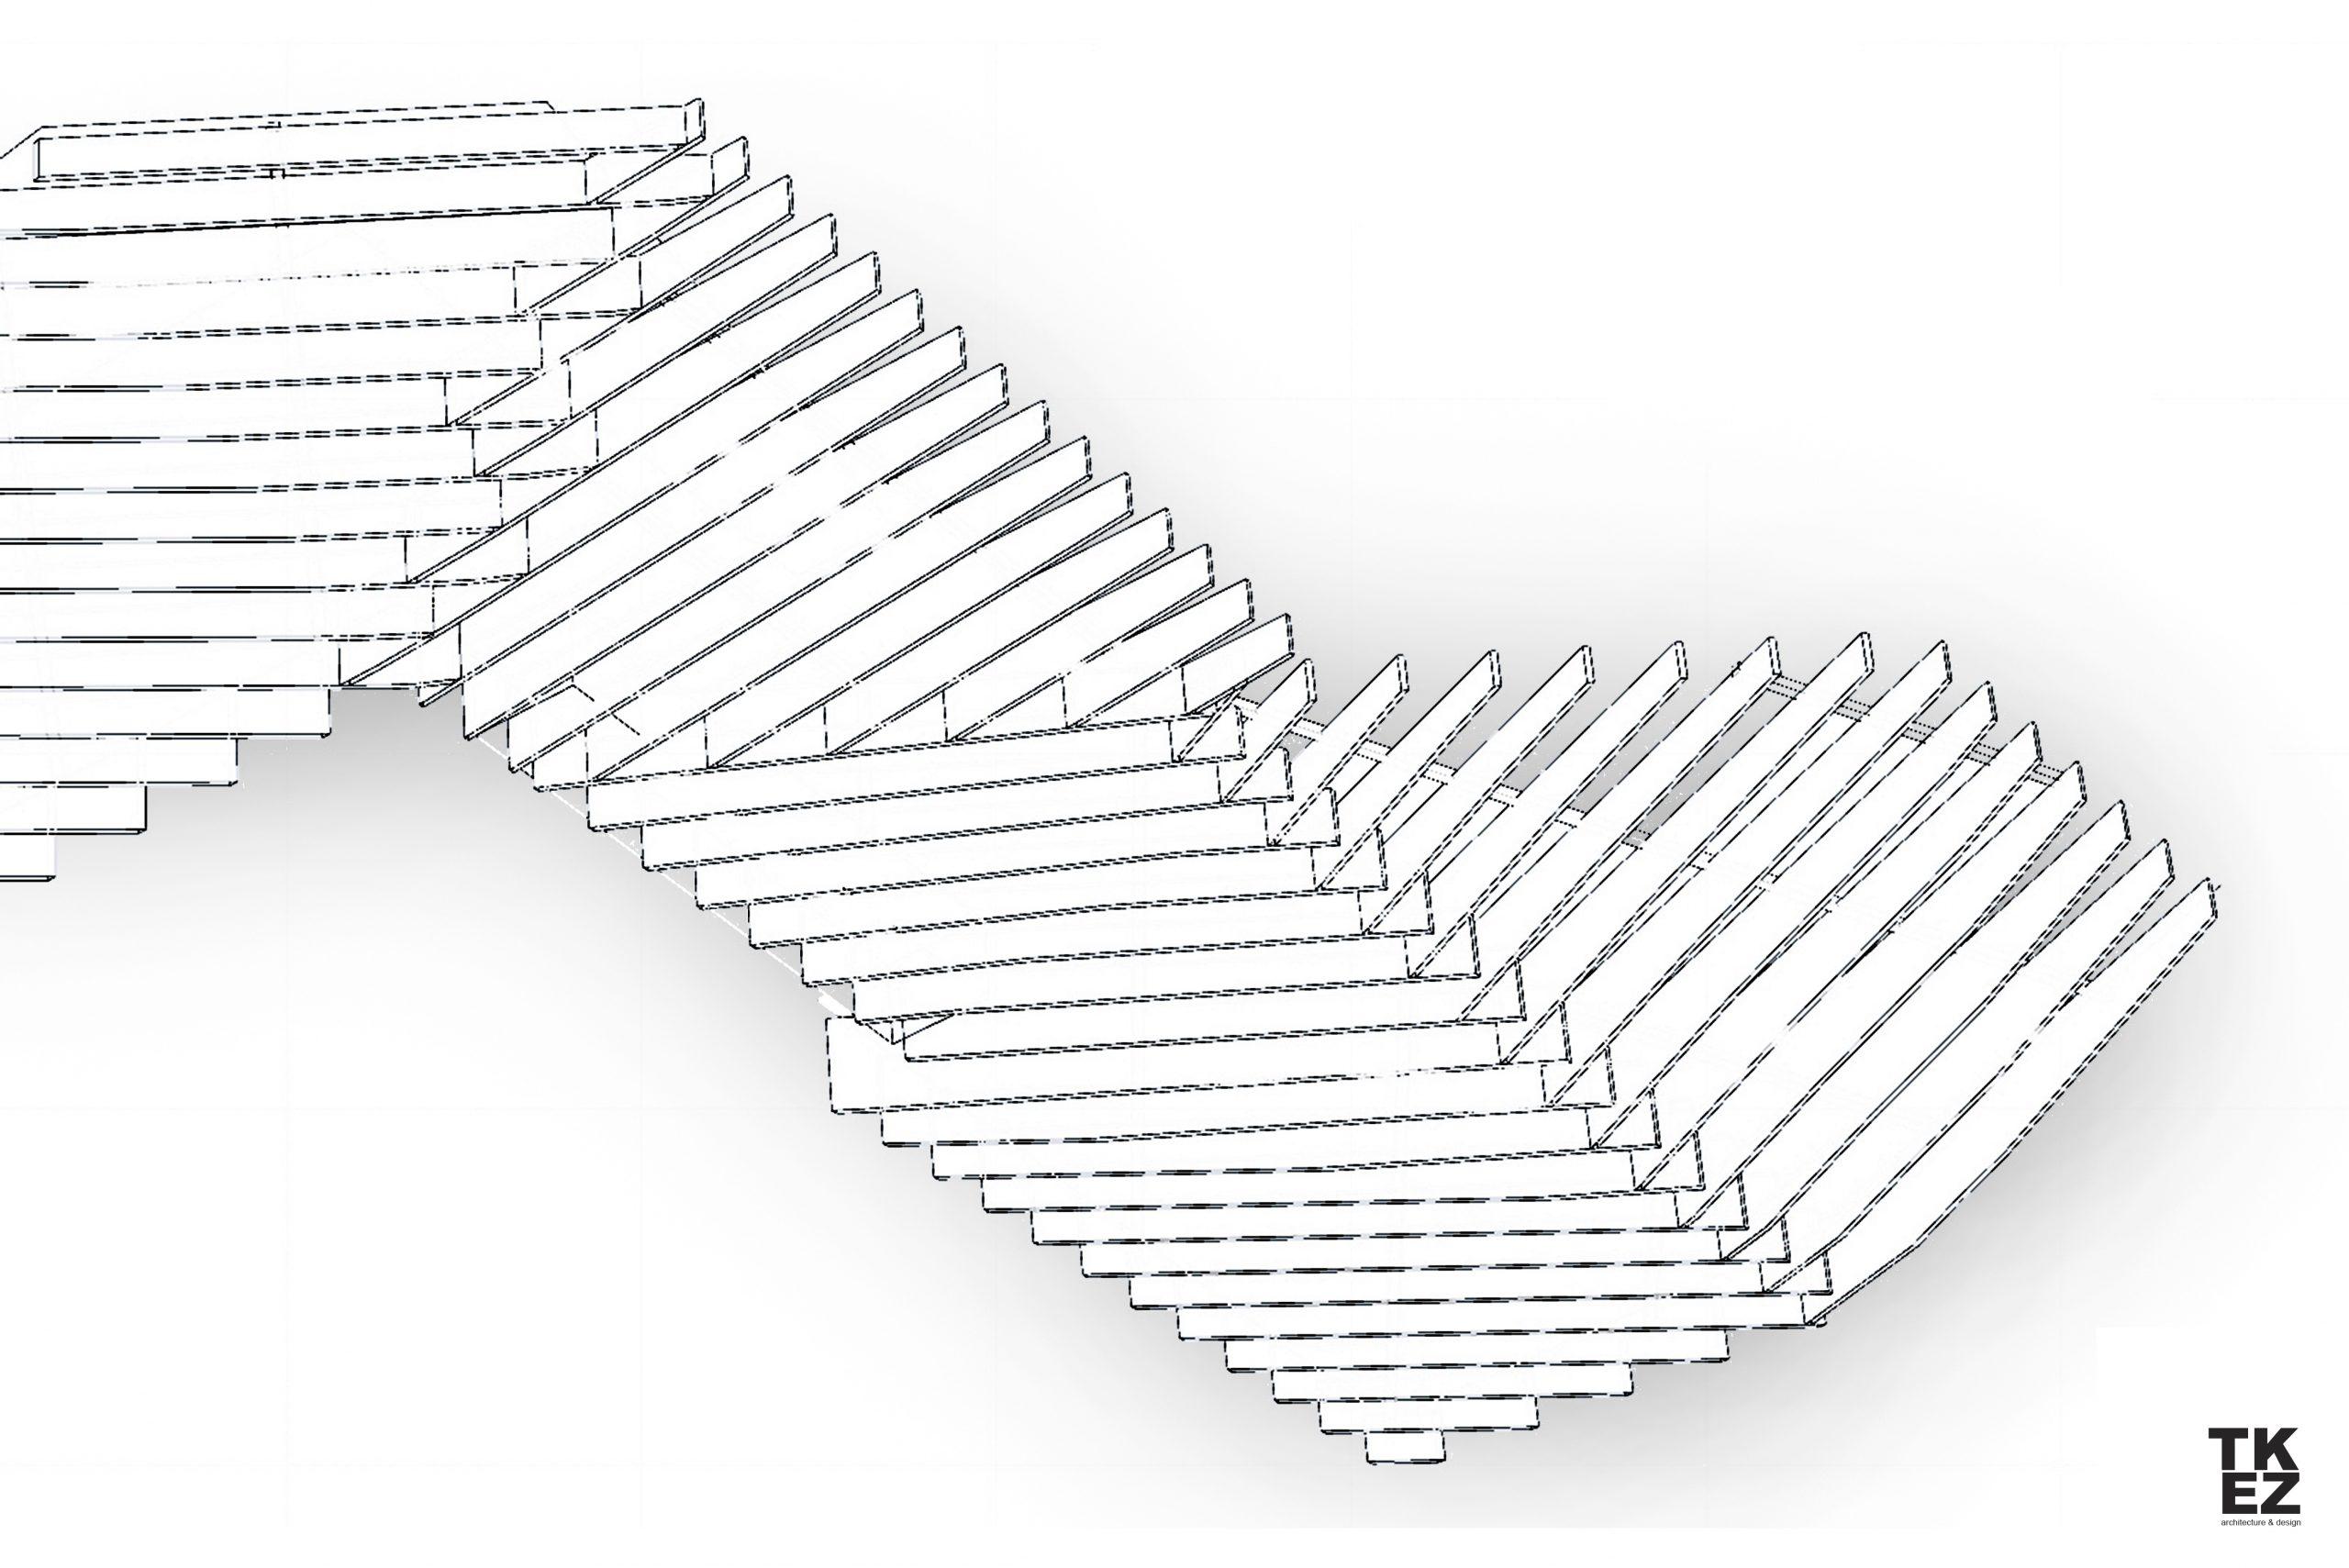 Inneneinrichtung Café Wagners München TKEZ Architekturbüro Modell Deckensystem